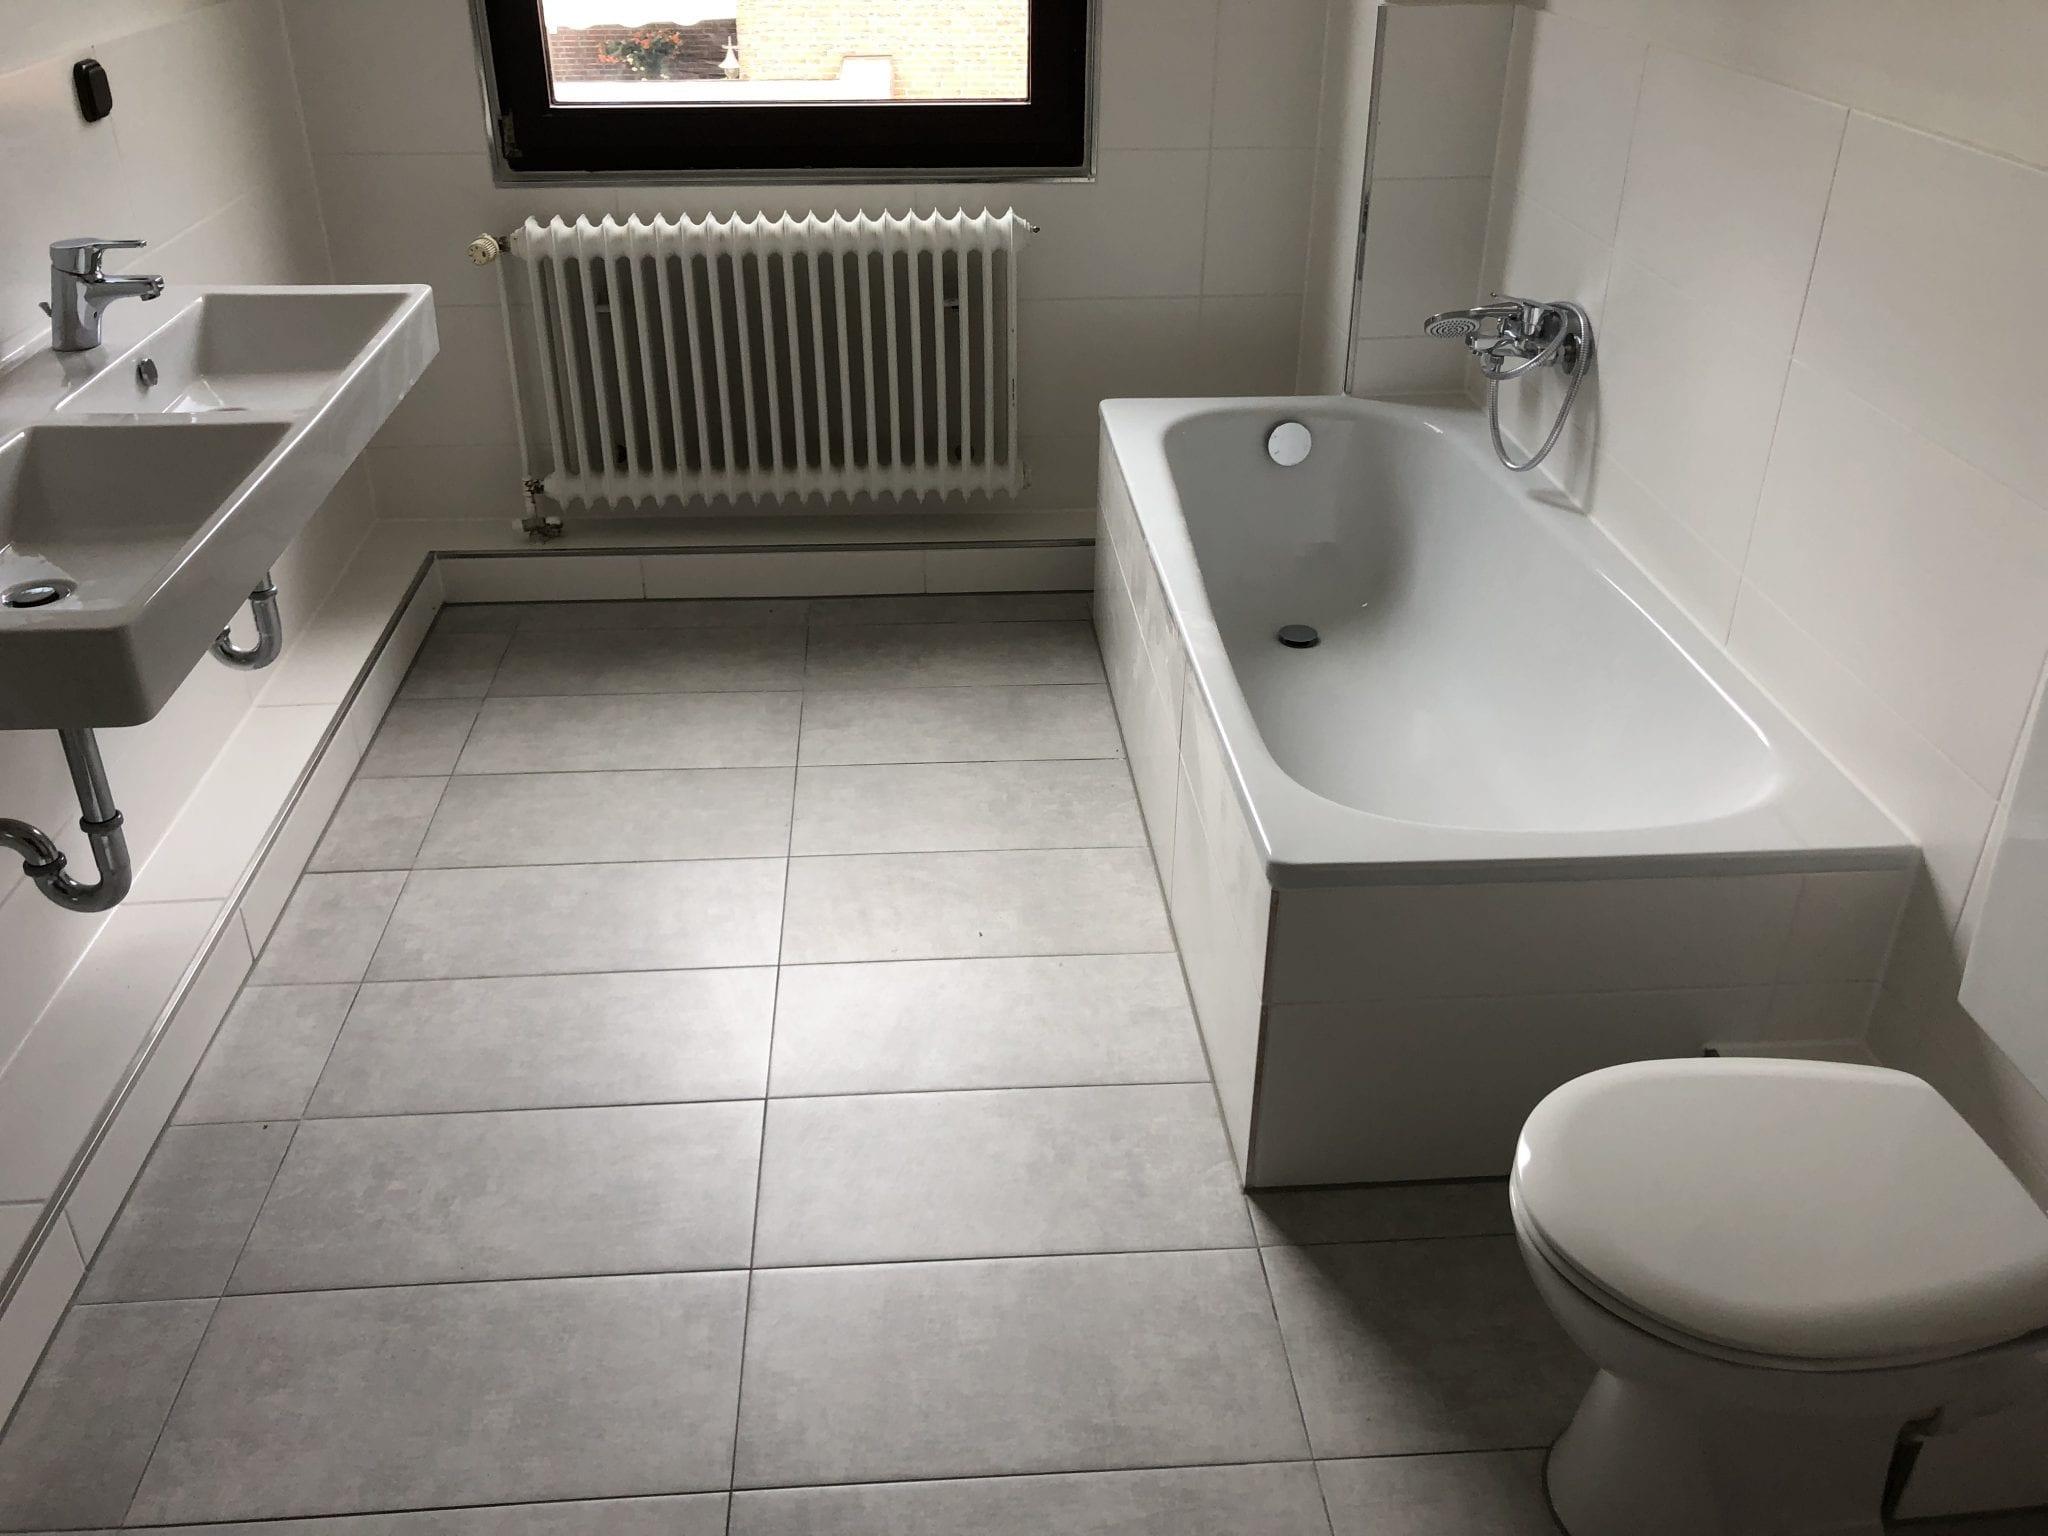 Badsanierung Hamburg ✓   Bad Renovierung   Schnell ...